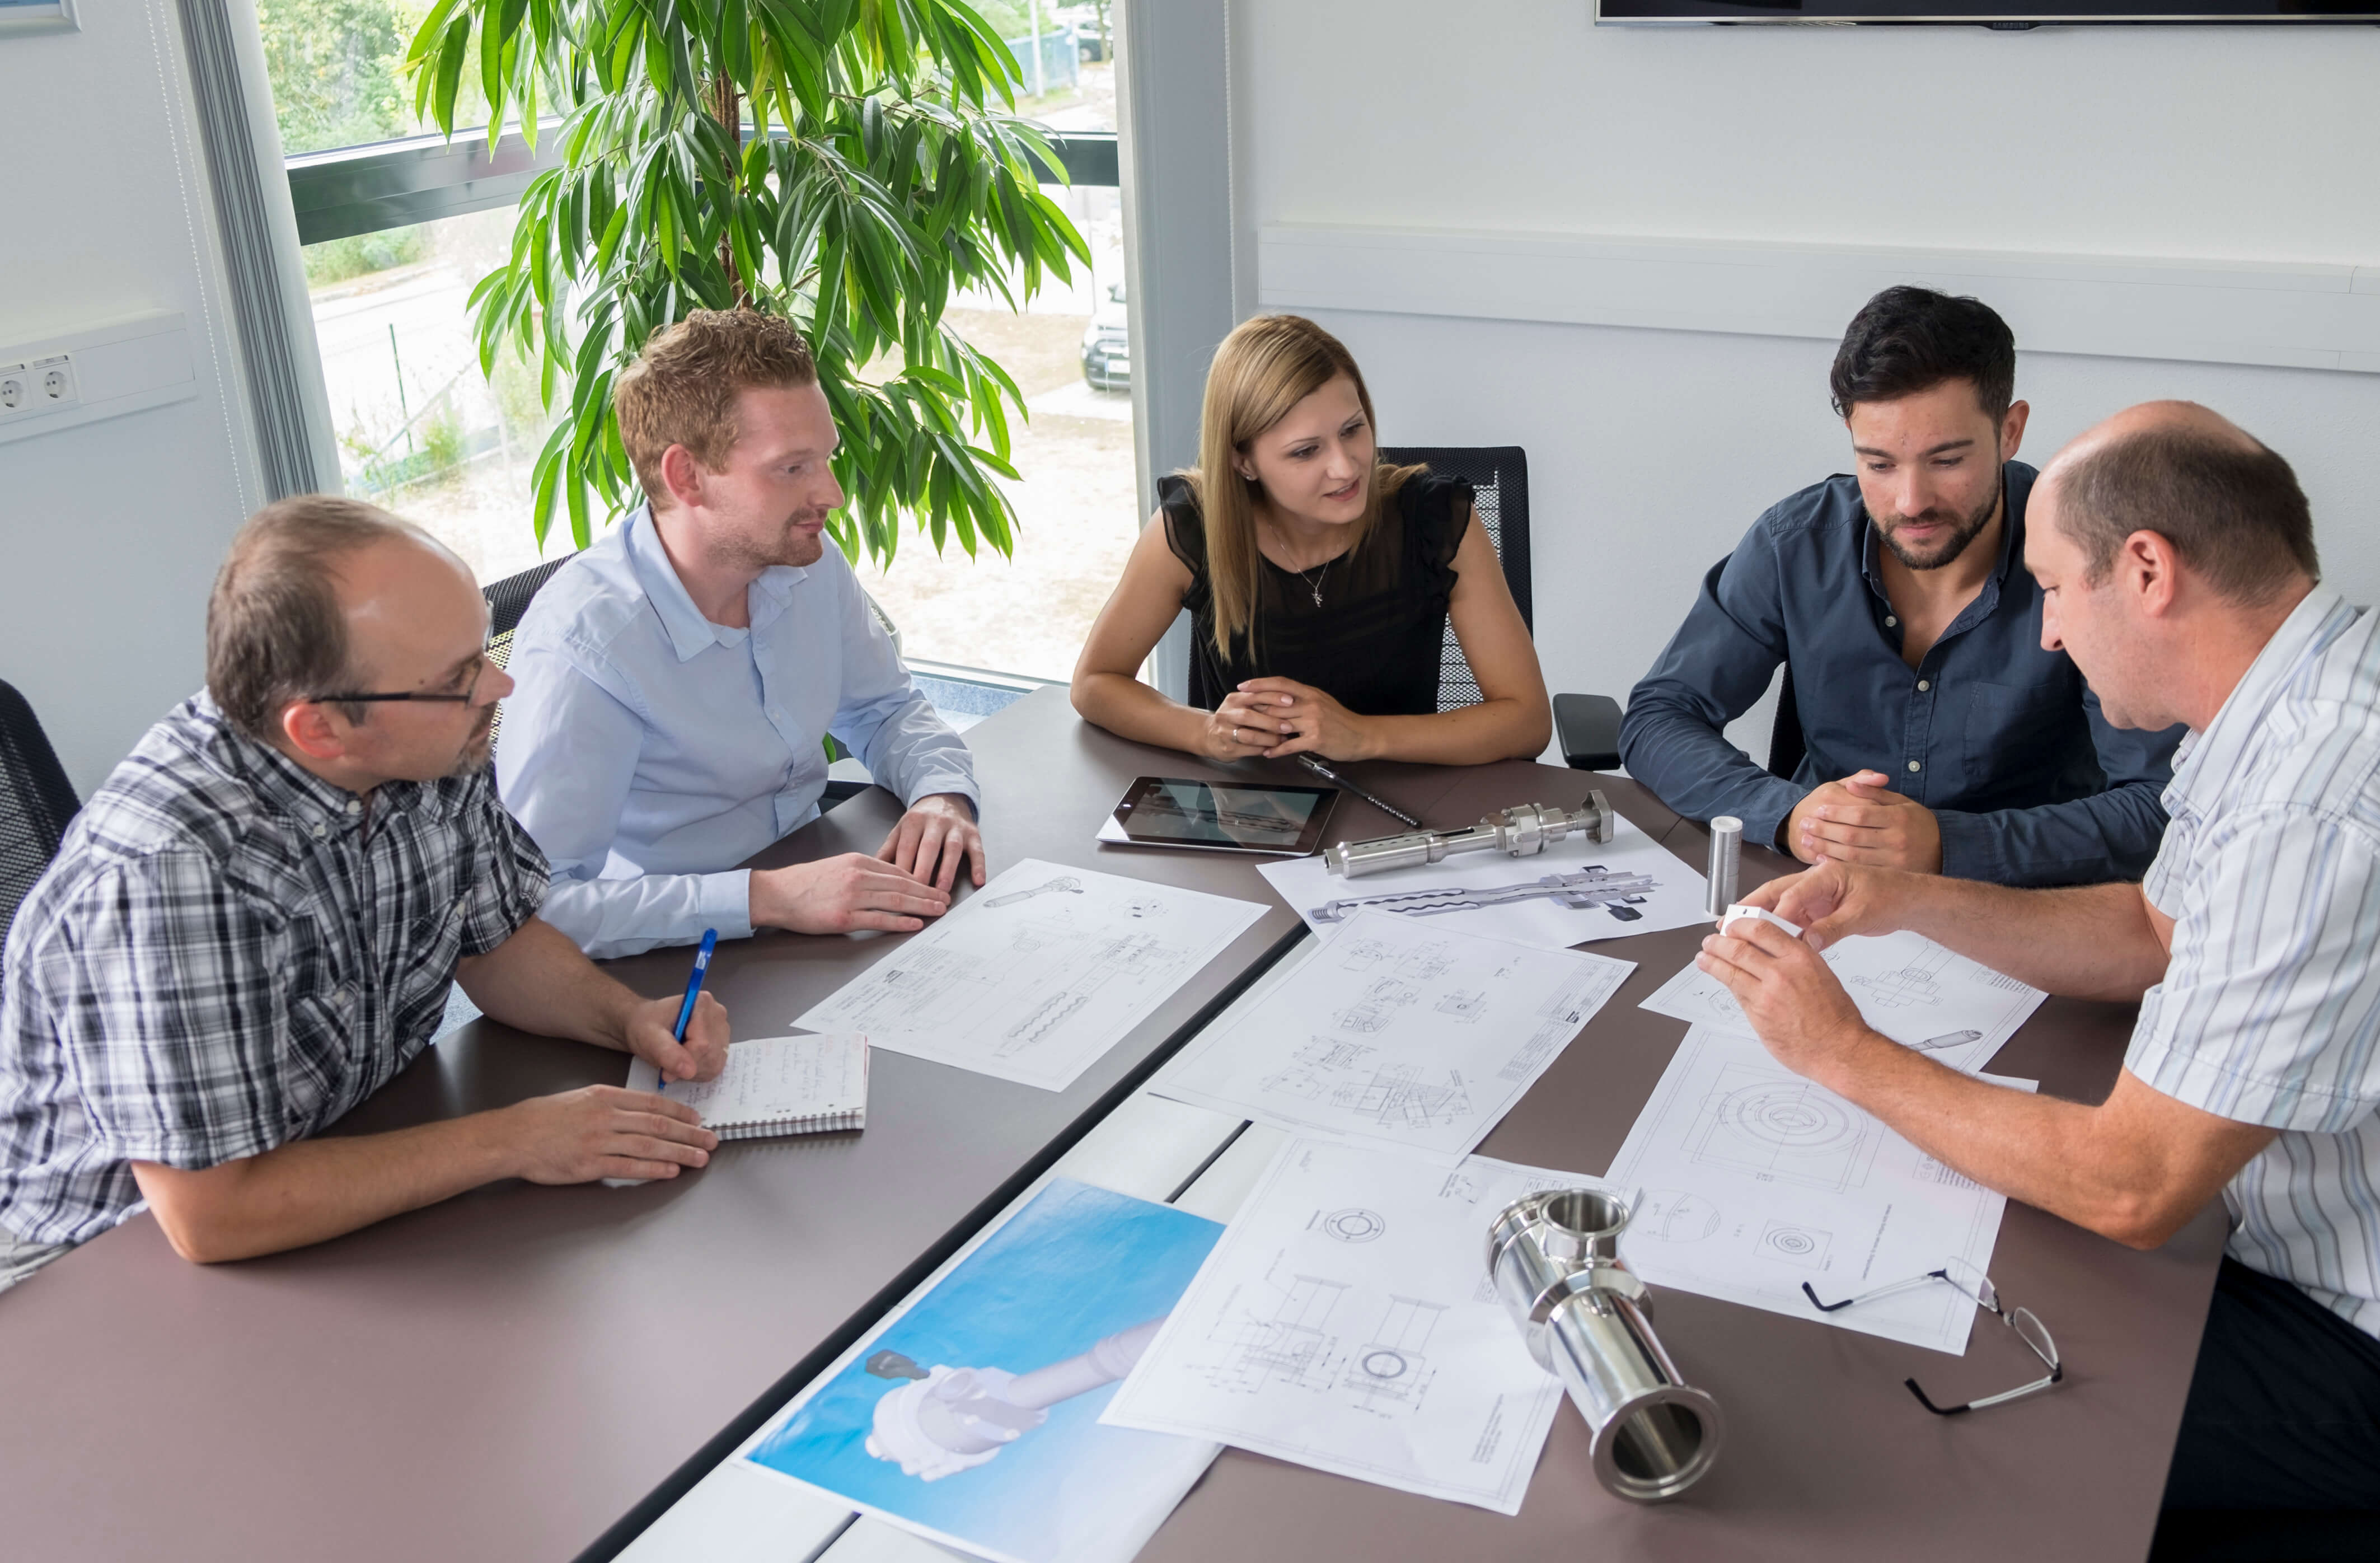 Offene Gesprächsrunden prägen ein innovatives und kreatives Miteinander im Team.